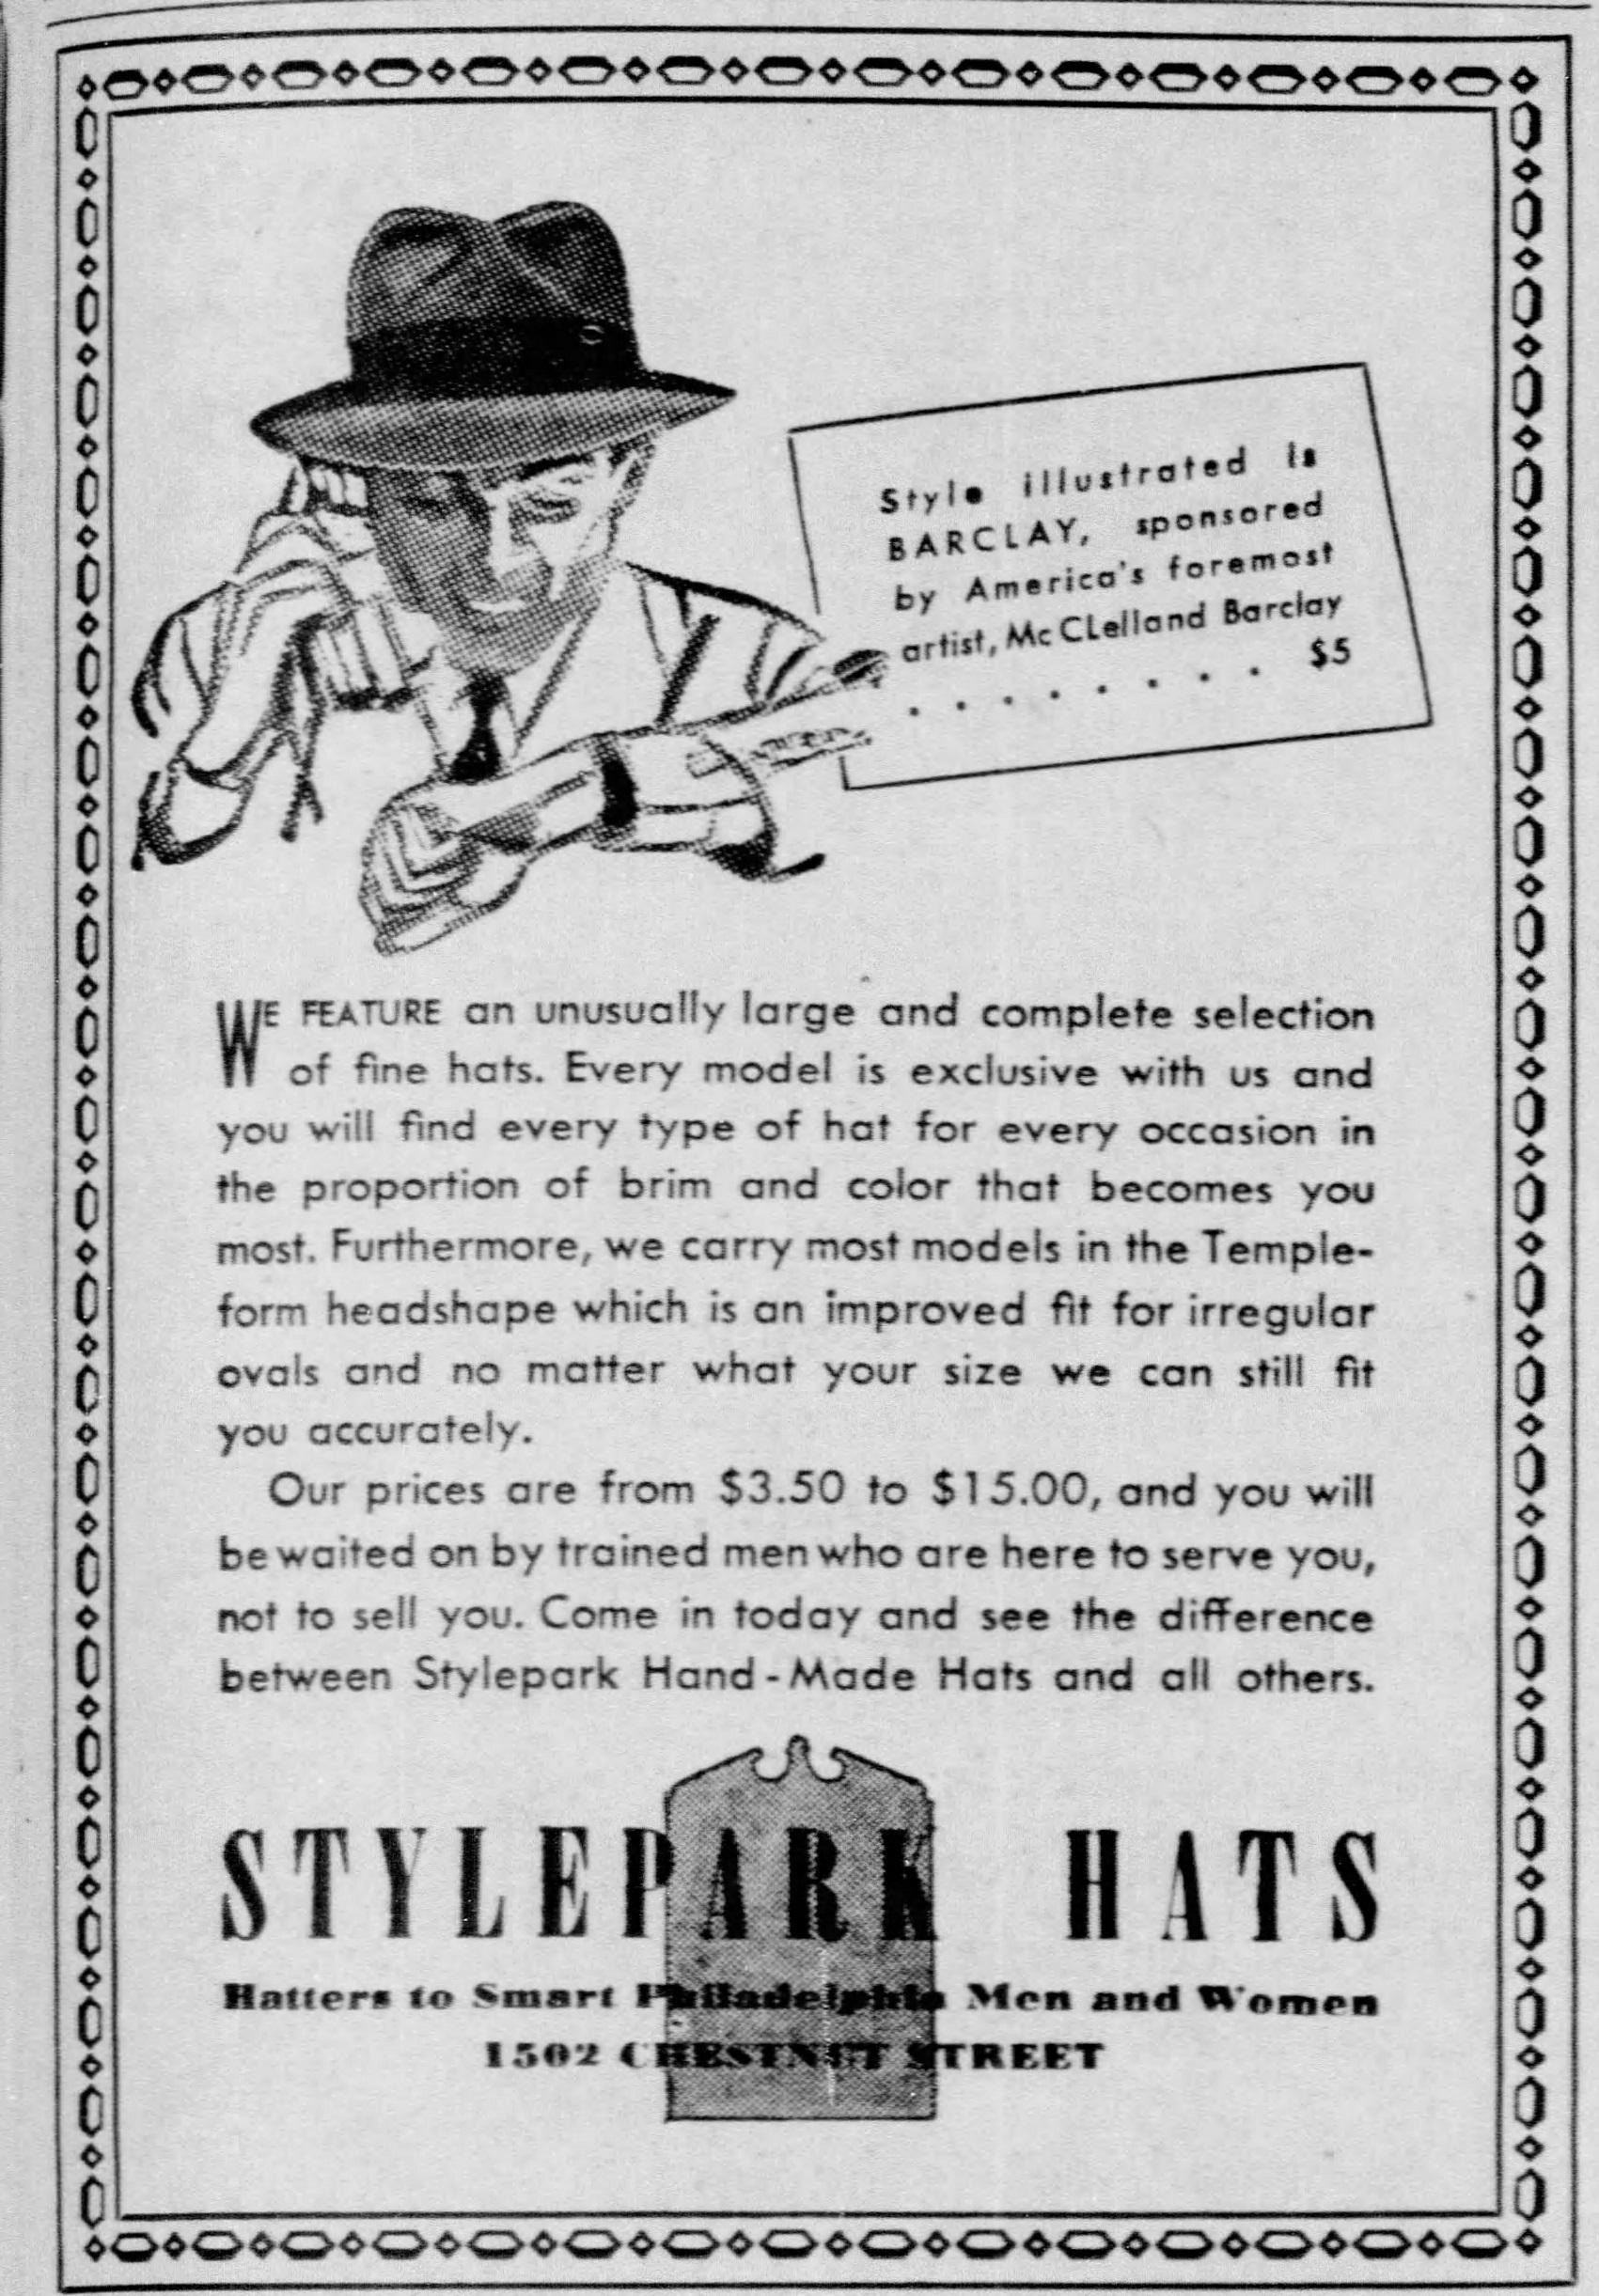 The_Philadelphia_Inquirer_Fri__Sep_8__1939_.jpg